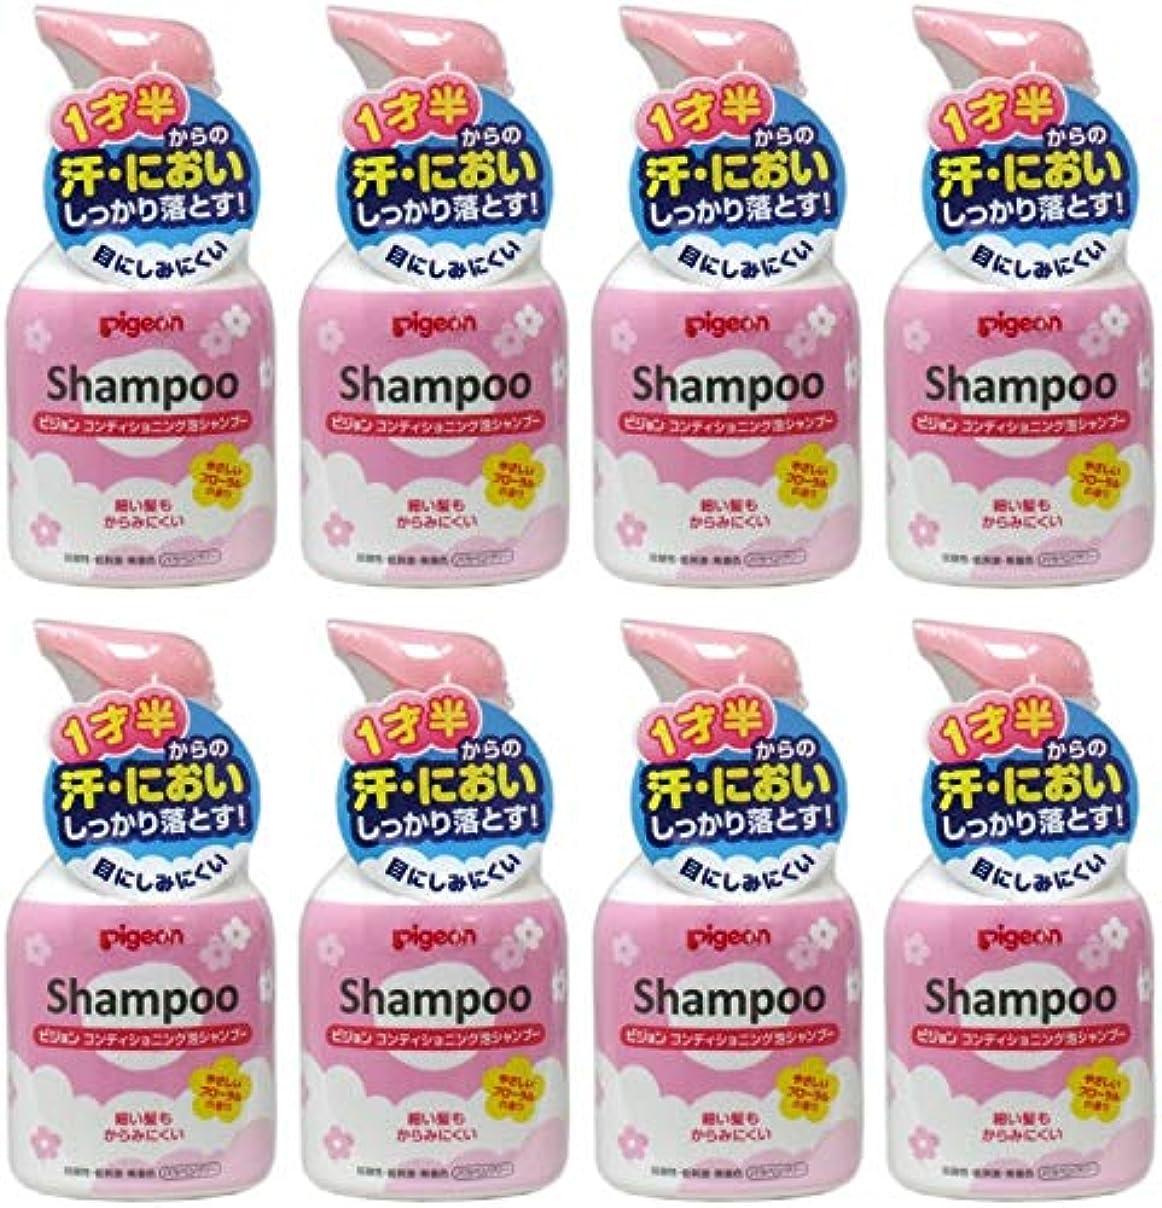 平和王族ディプロマ【まとめ買い】ピジョン コンディショニング 泡シャンプー やさしいフローラルの香り 350ml【×8個】